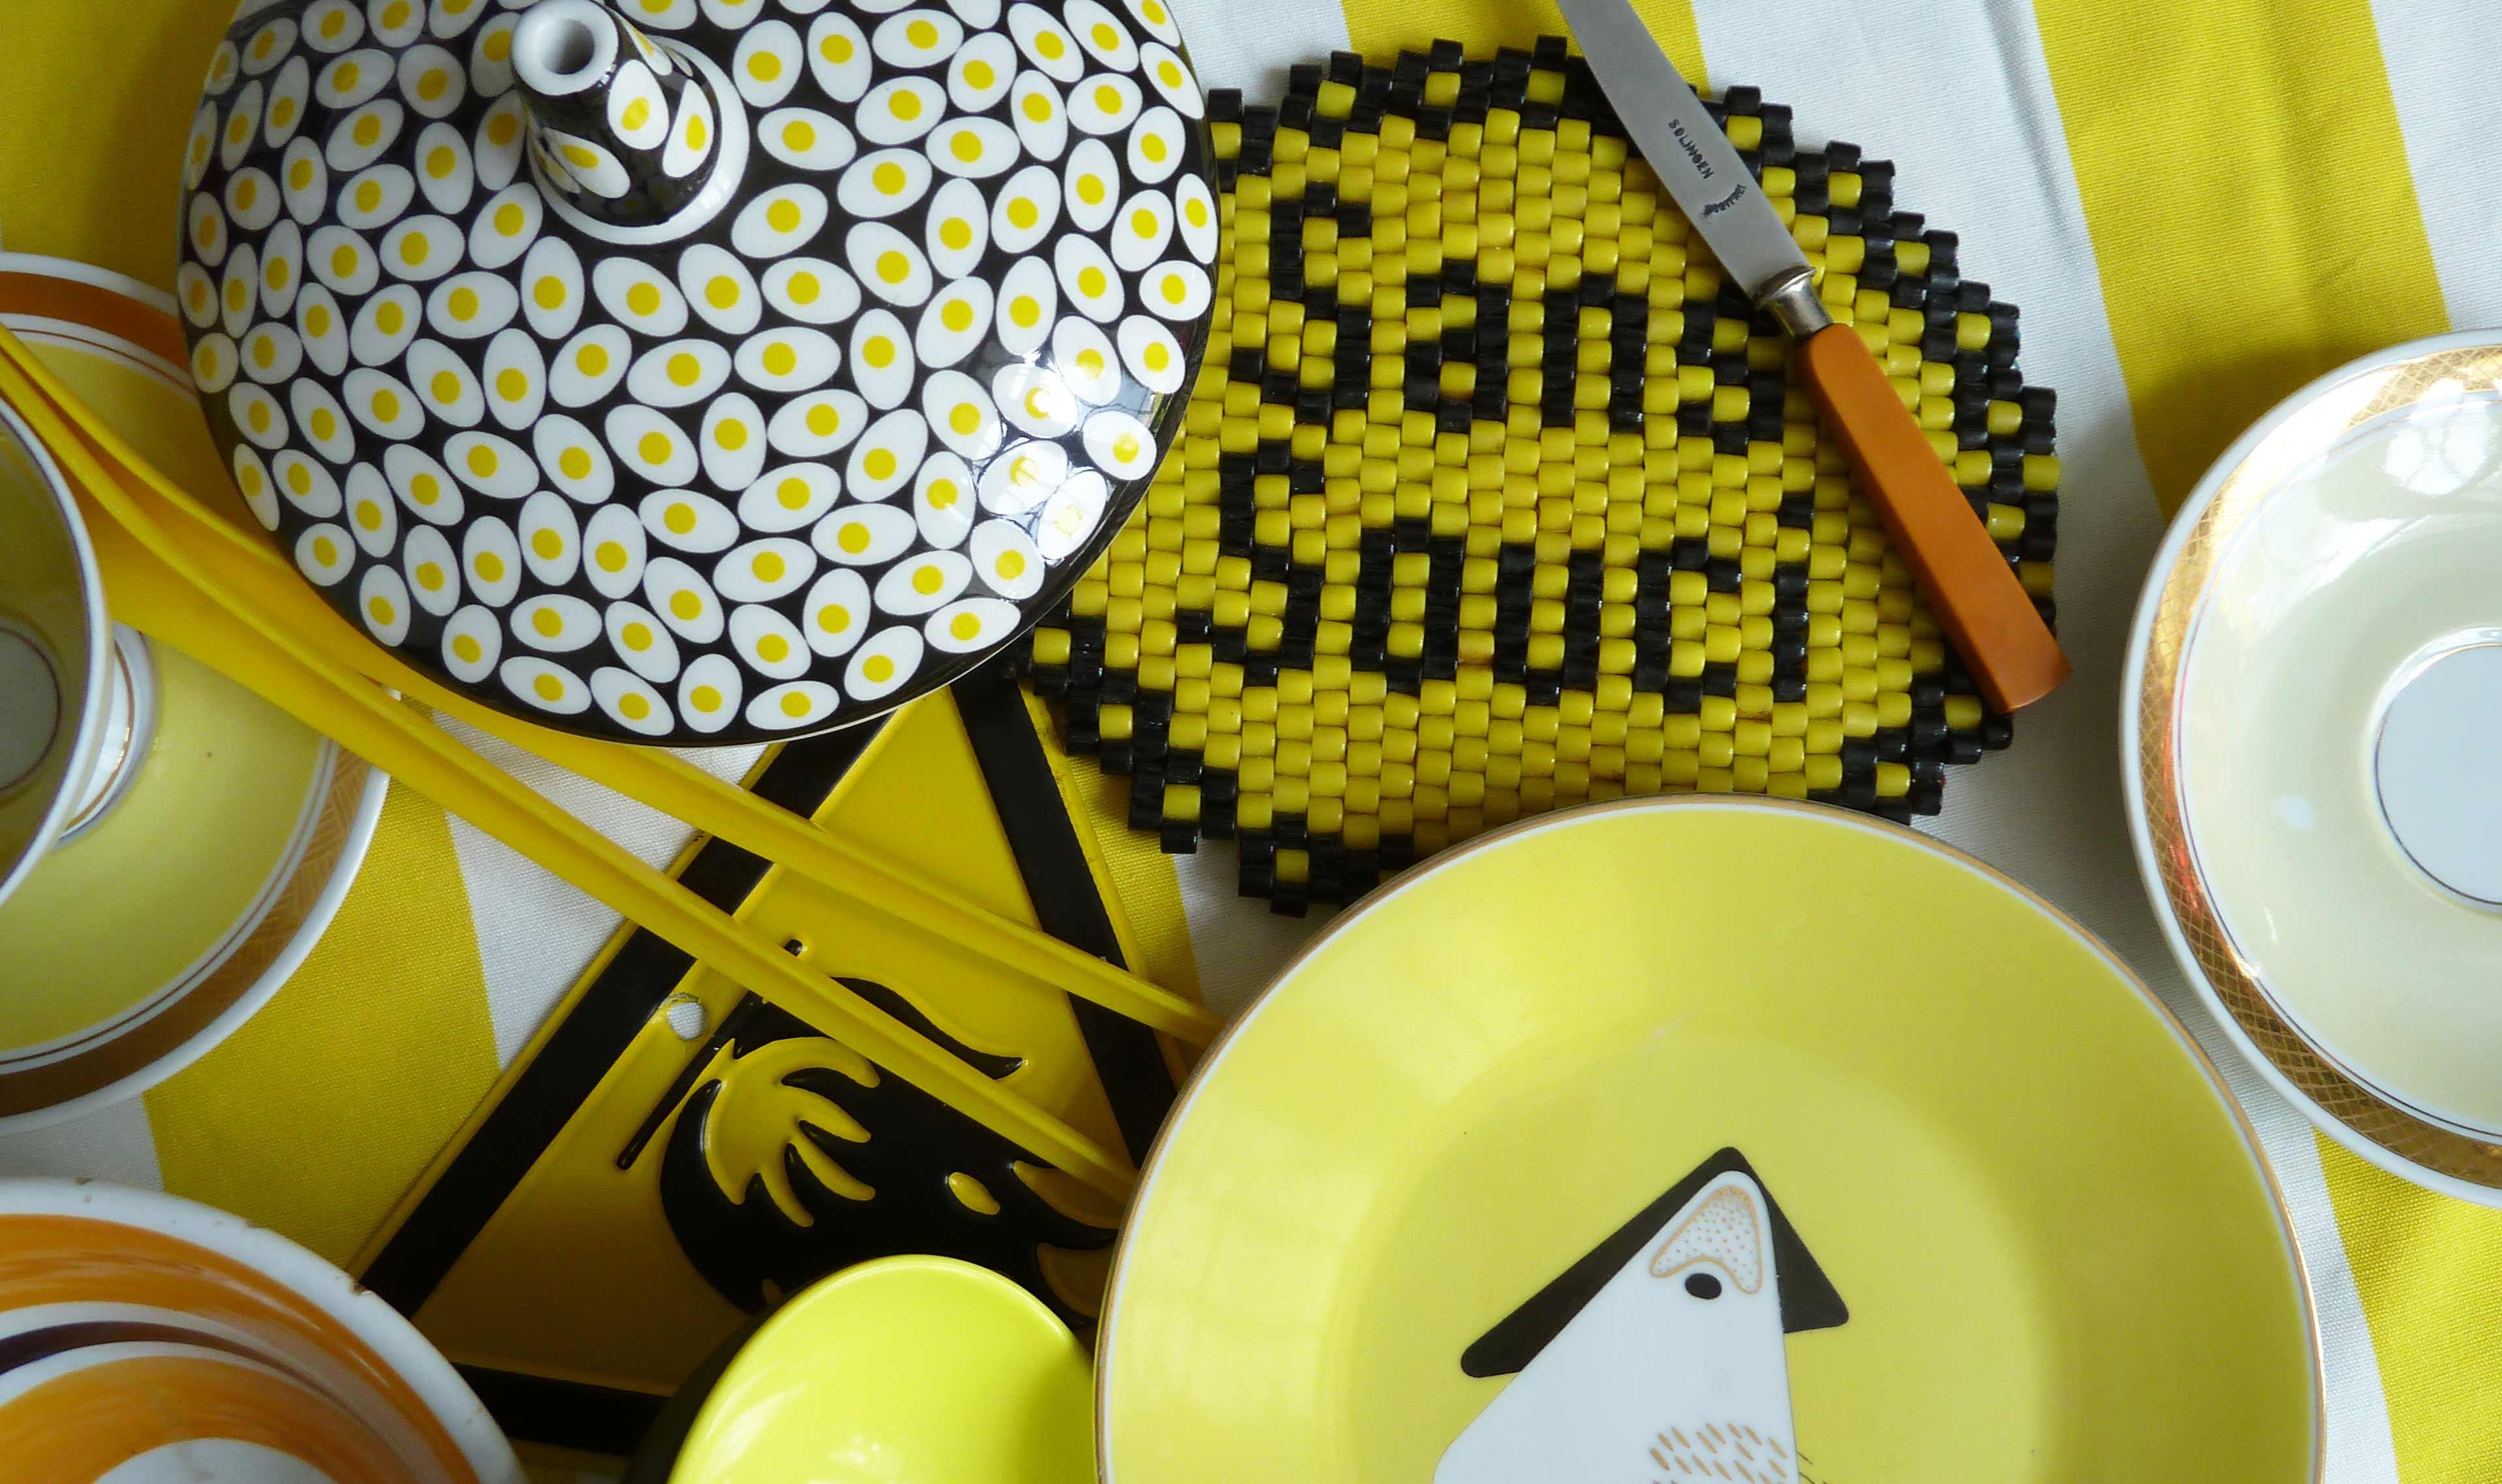 Schalen und Gegenstände in gelb